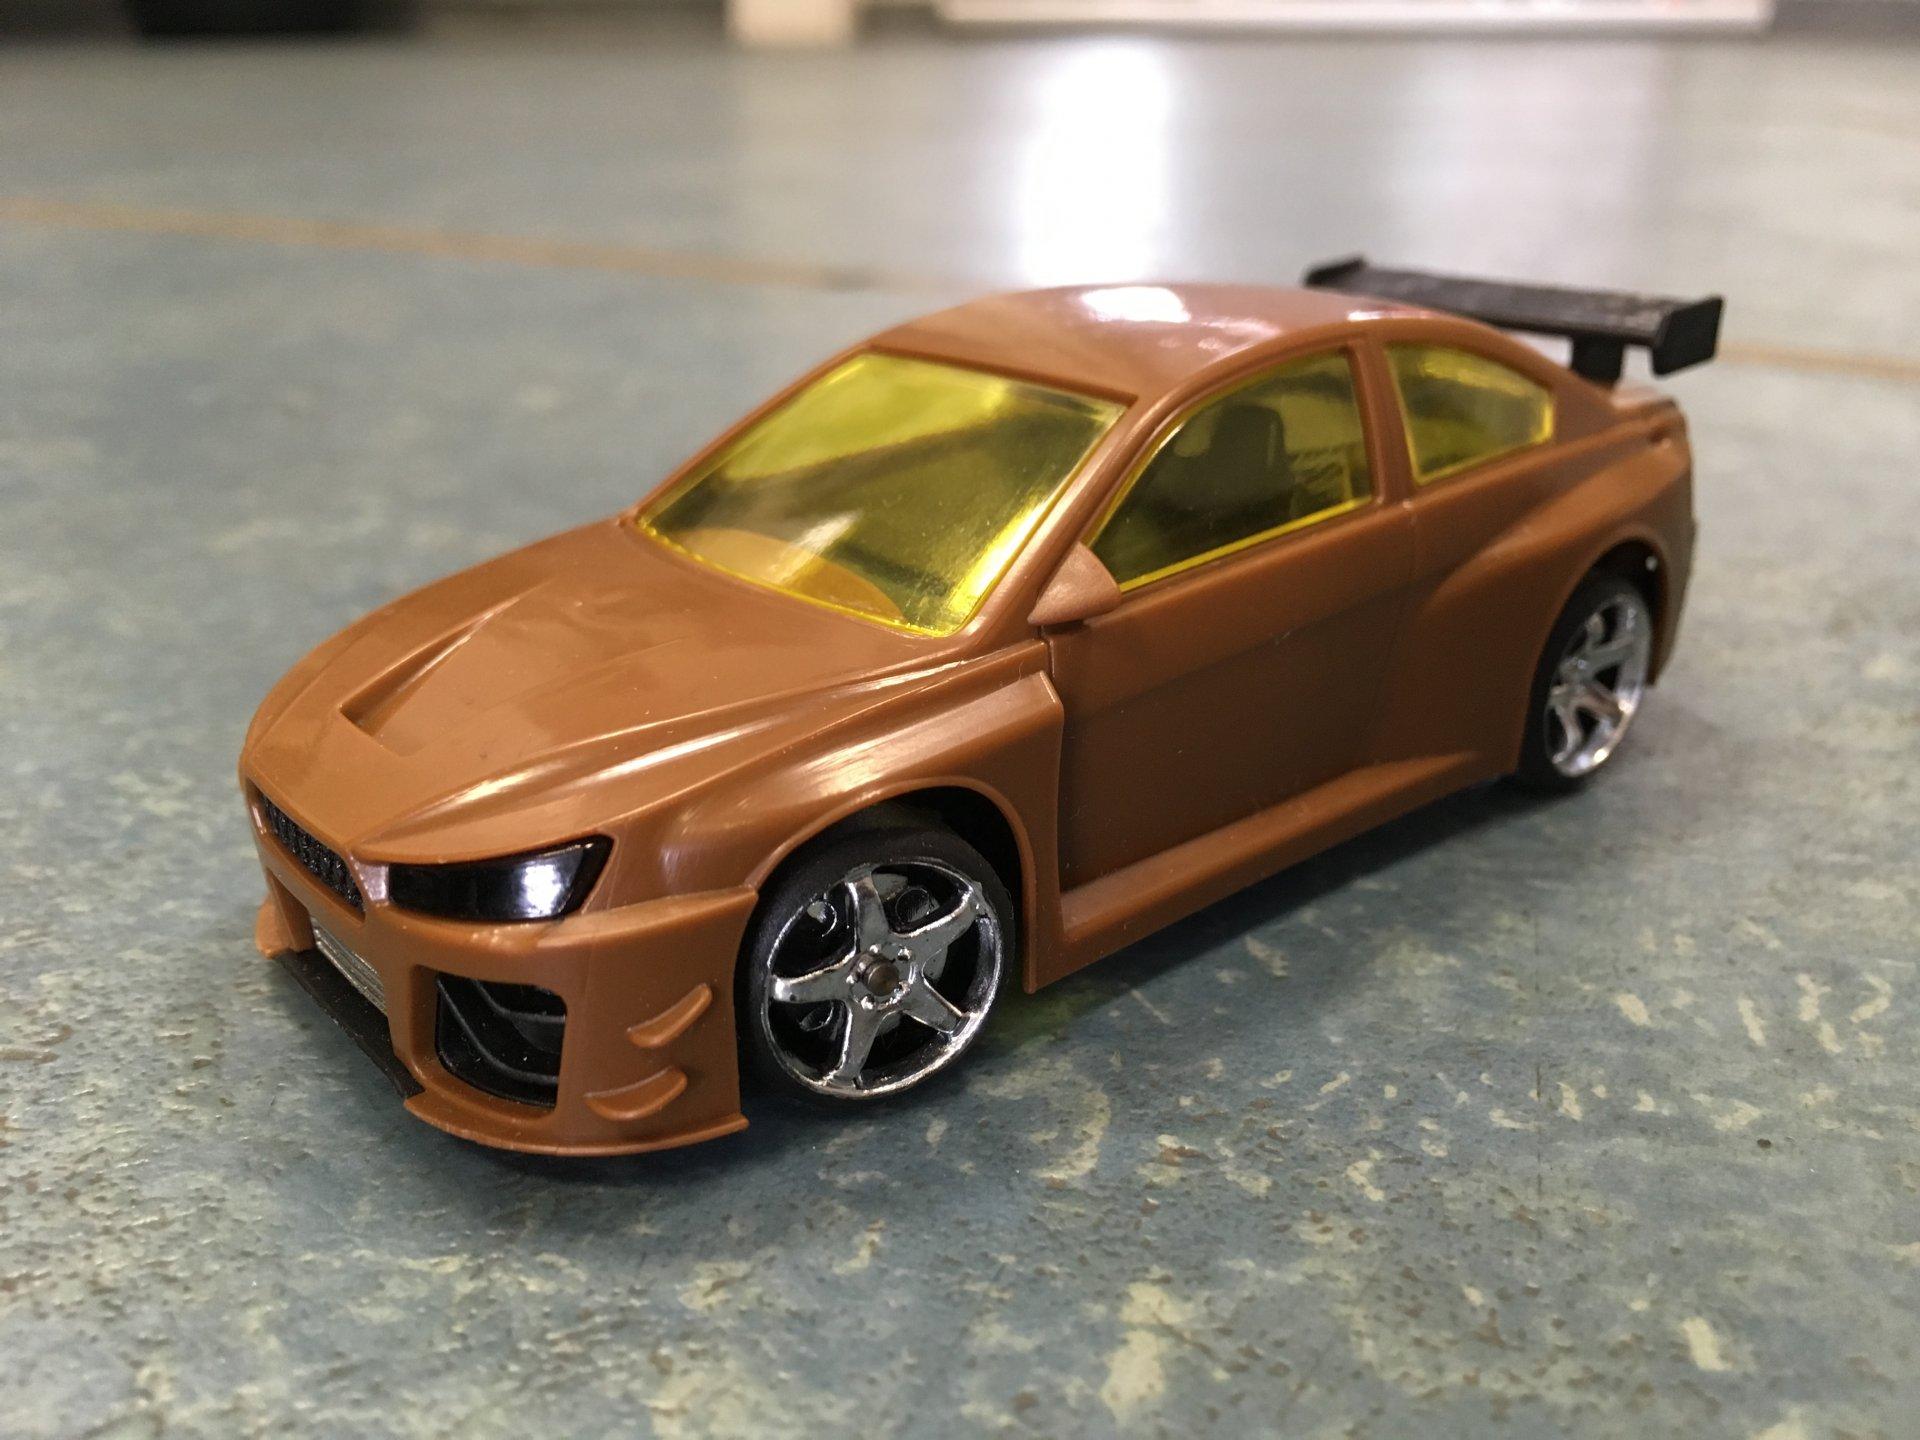 Schoko-Racer